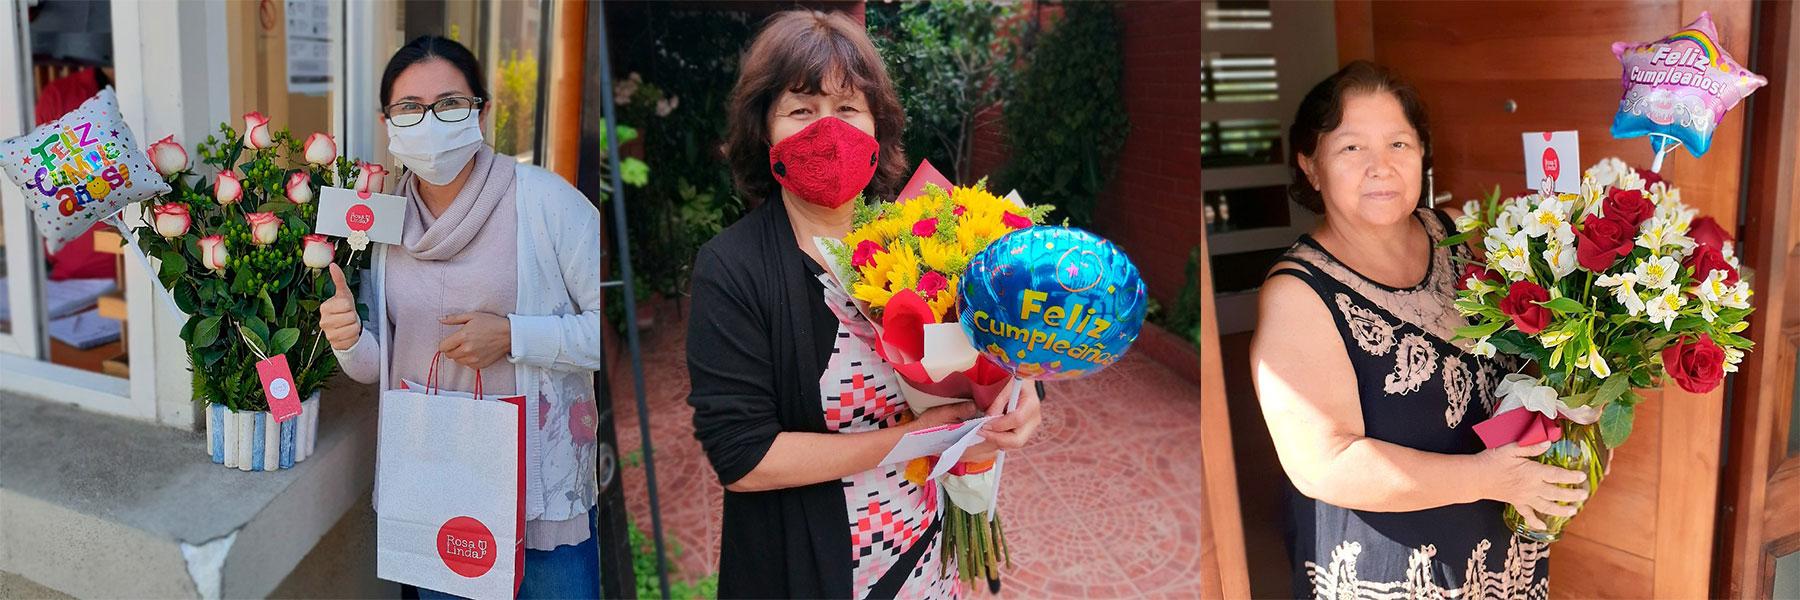 Arreglos florales para cumpleaños: ¡el regalo ideal!